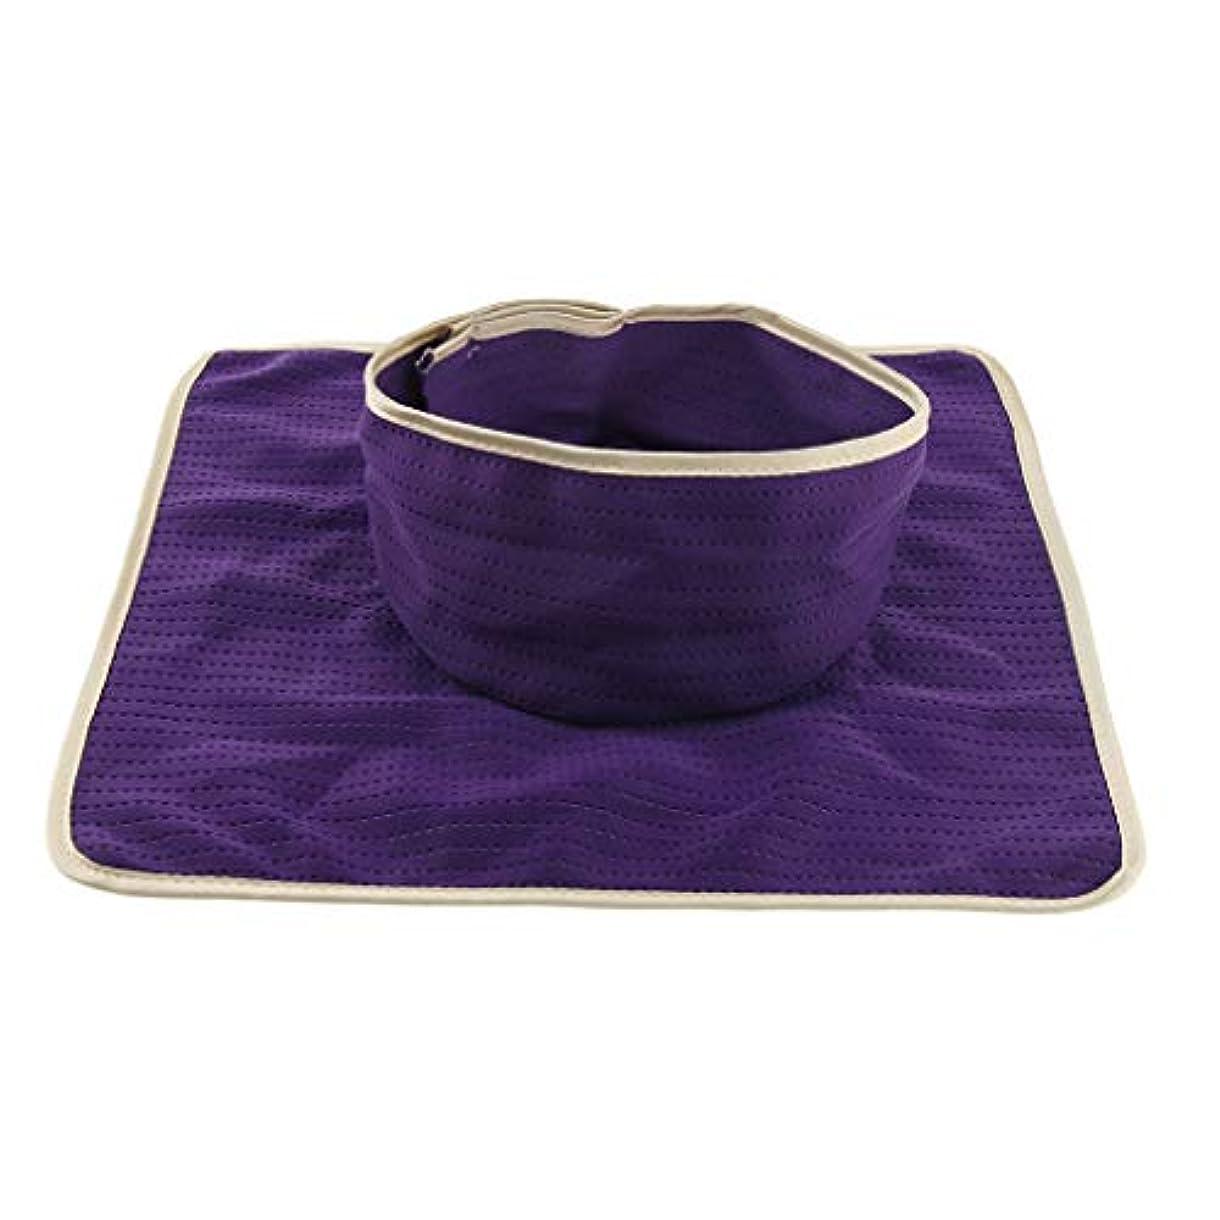 不利活性化する有名なBaoblaze マッサージのベッド用 パッド マットシート 顔の穴付き 洗える 約35×35cm 全3色 - 紫